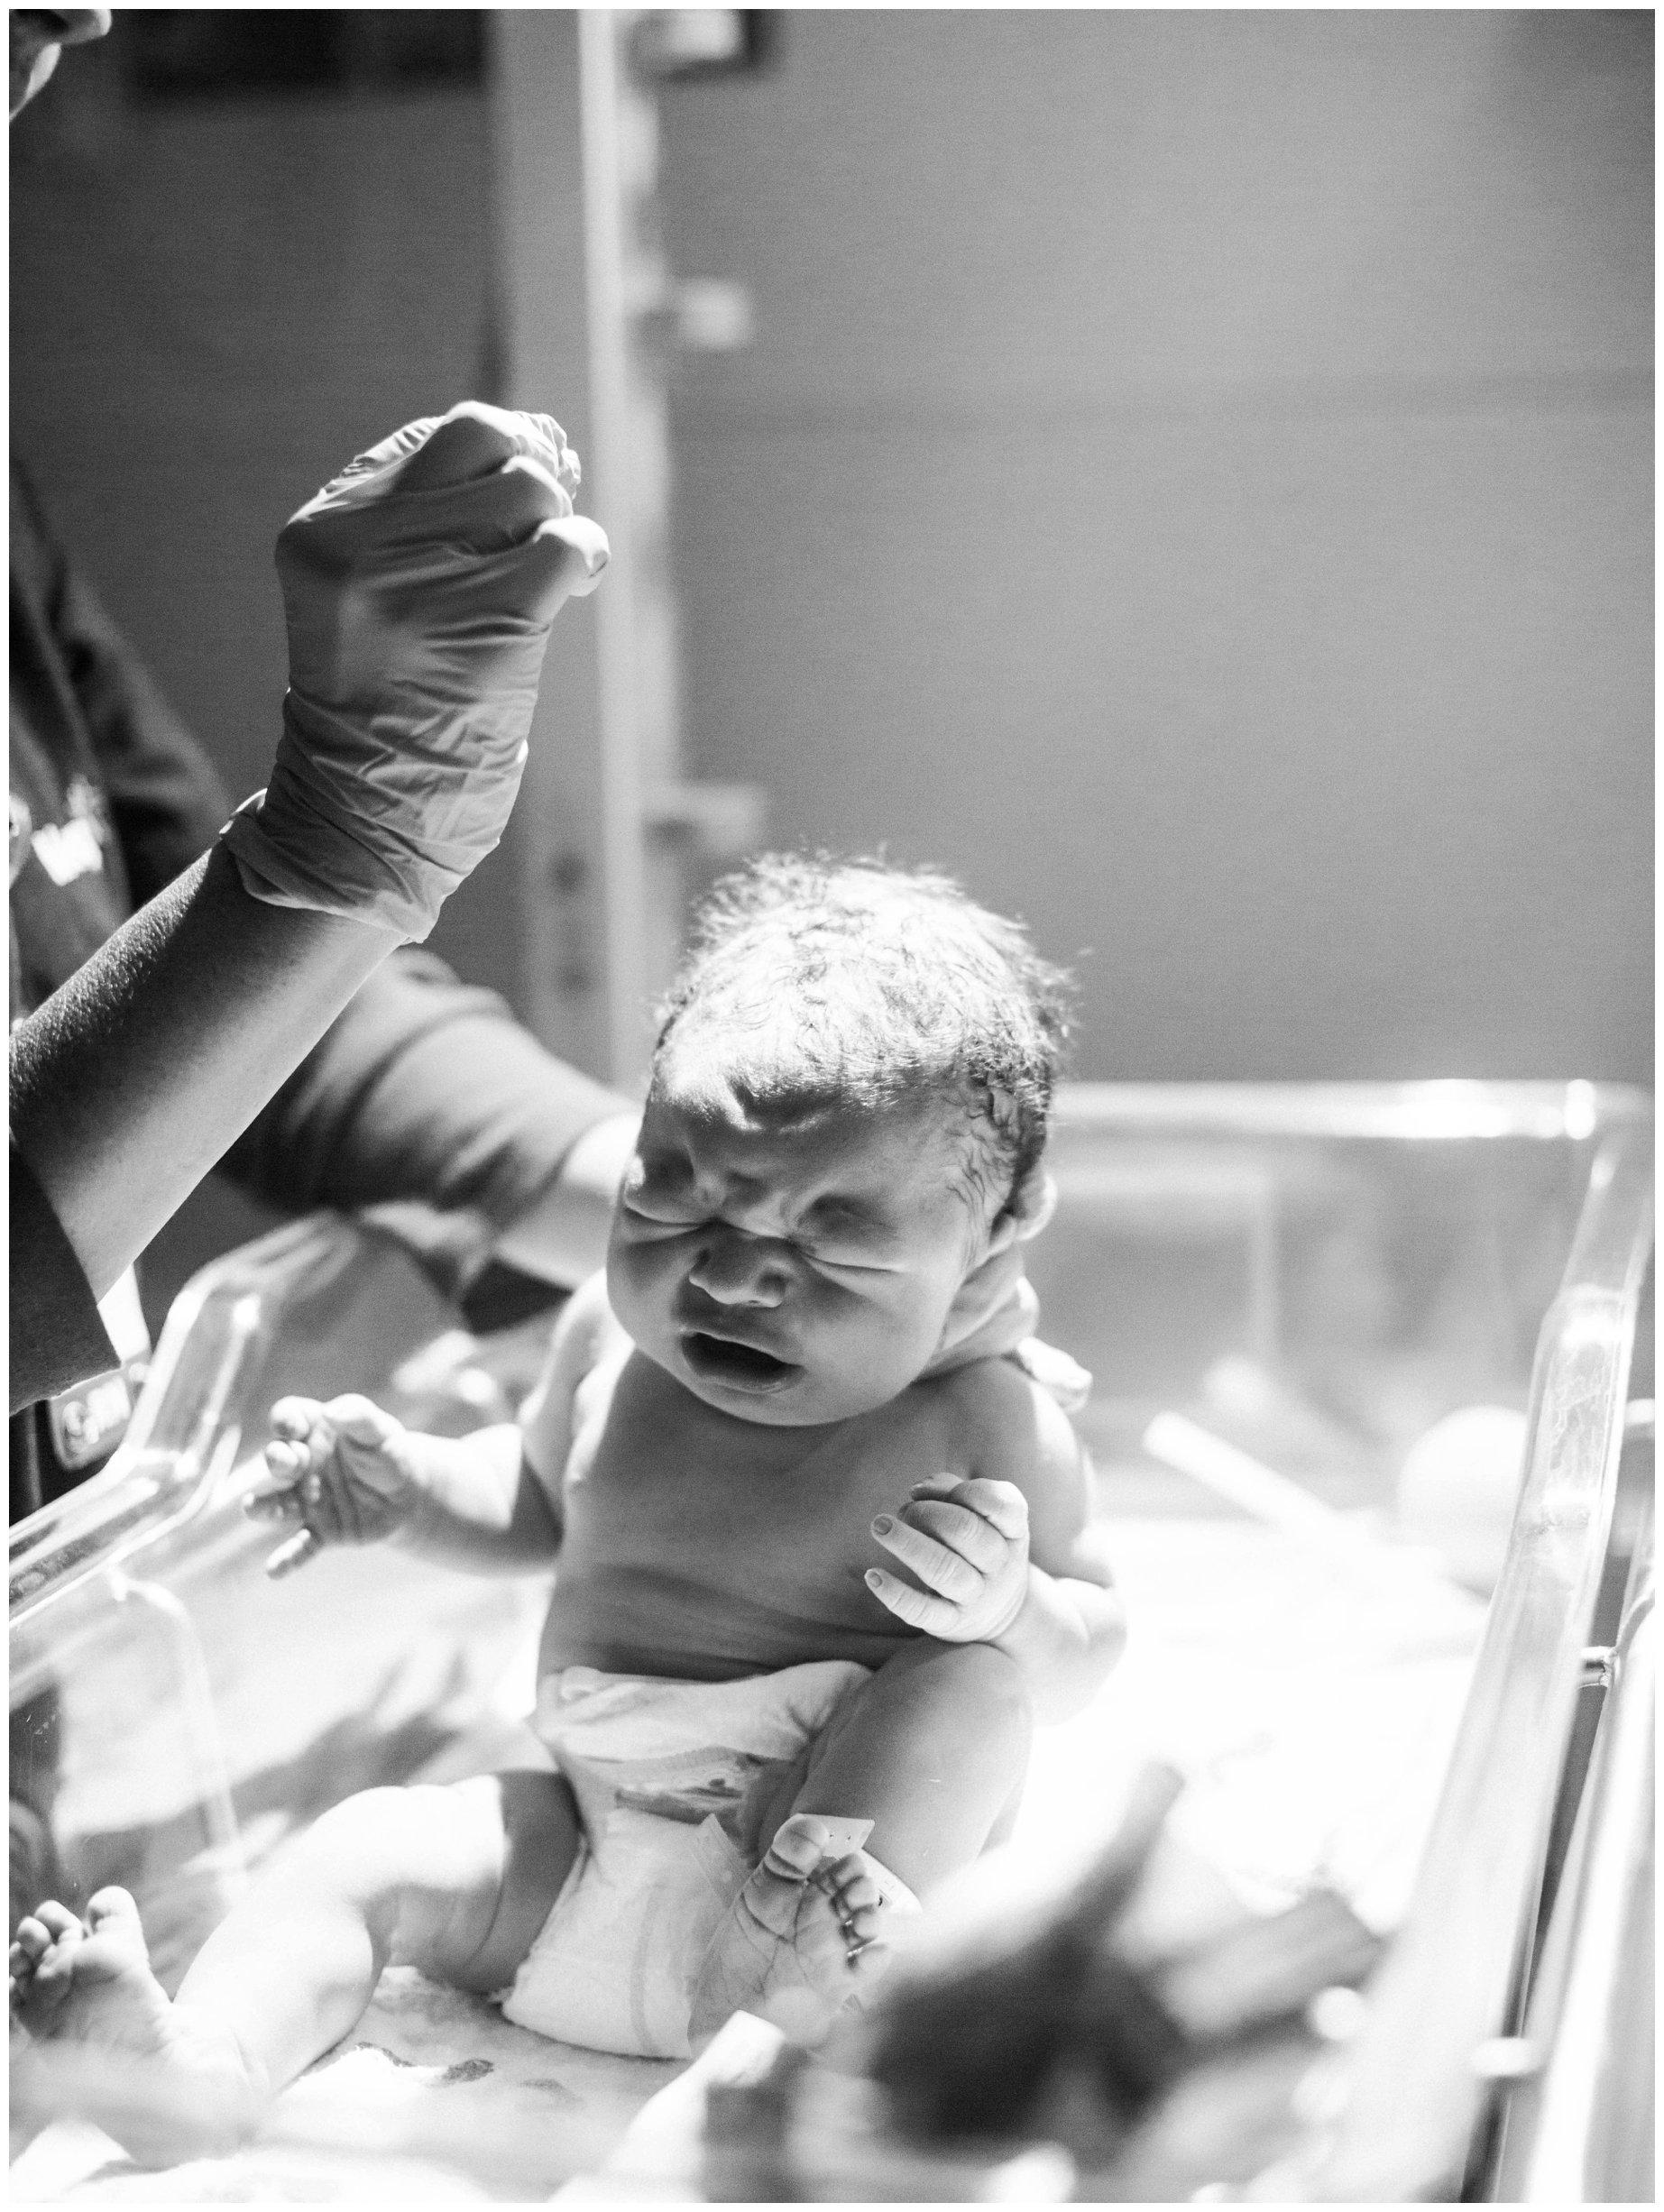 st louis photography_maternity_lauren muckler photography_film_st louis film photographer_0148.jpg